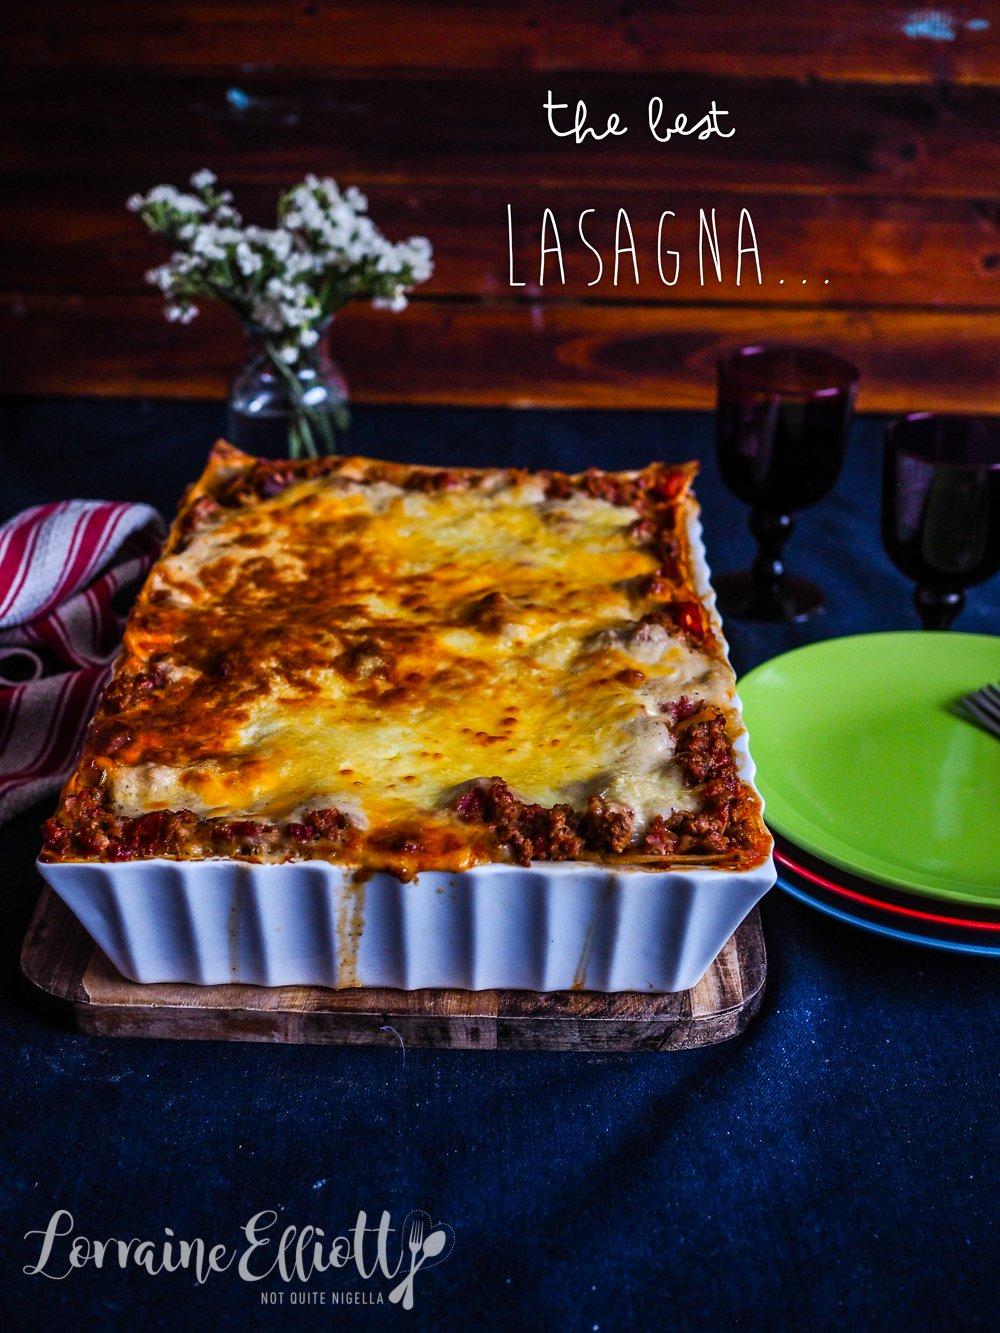 The Best Lasagne recipe